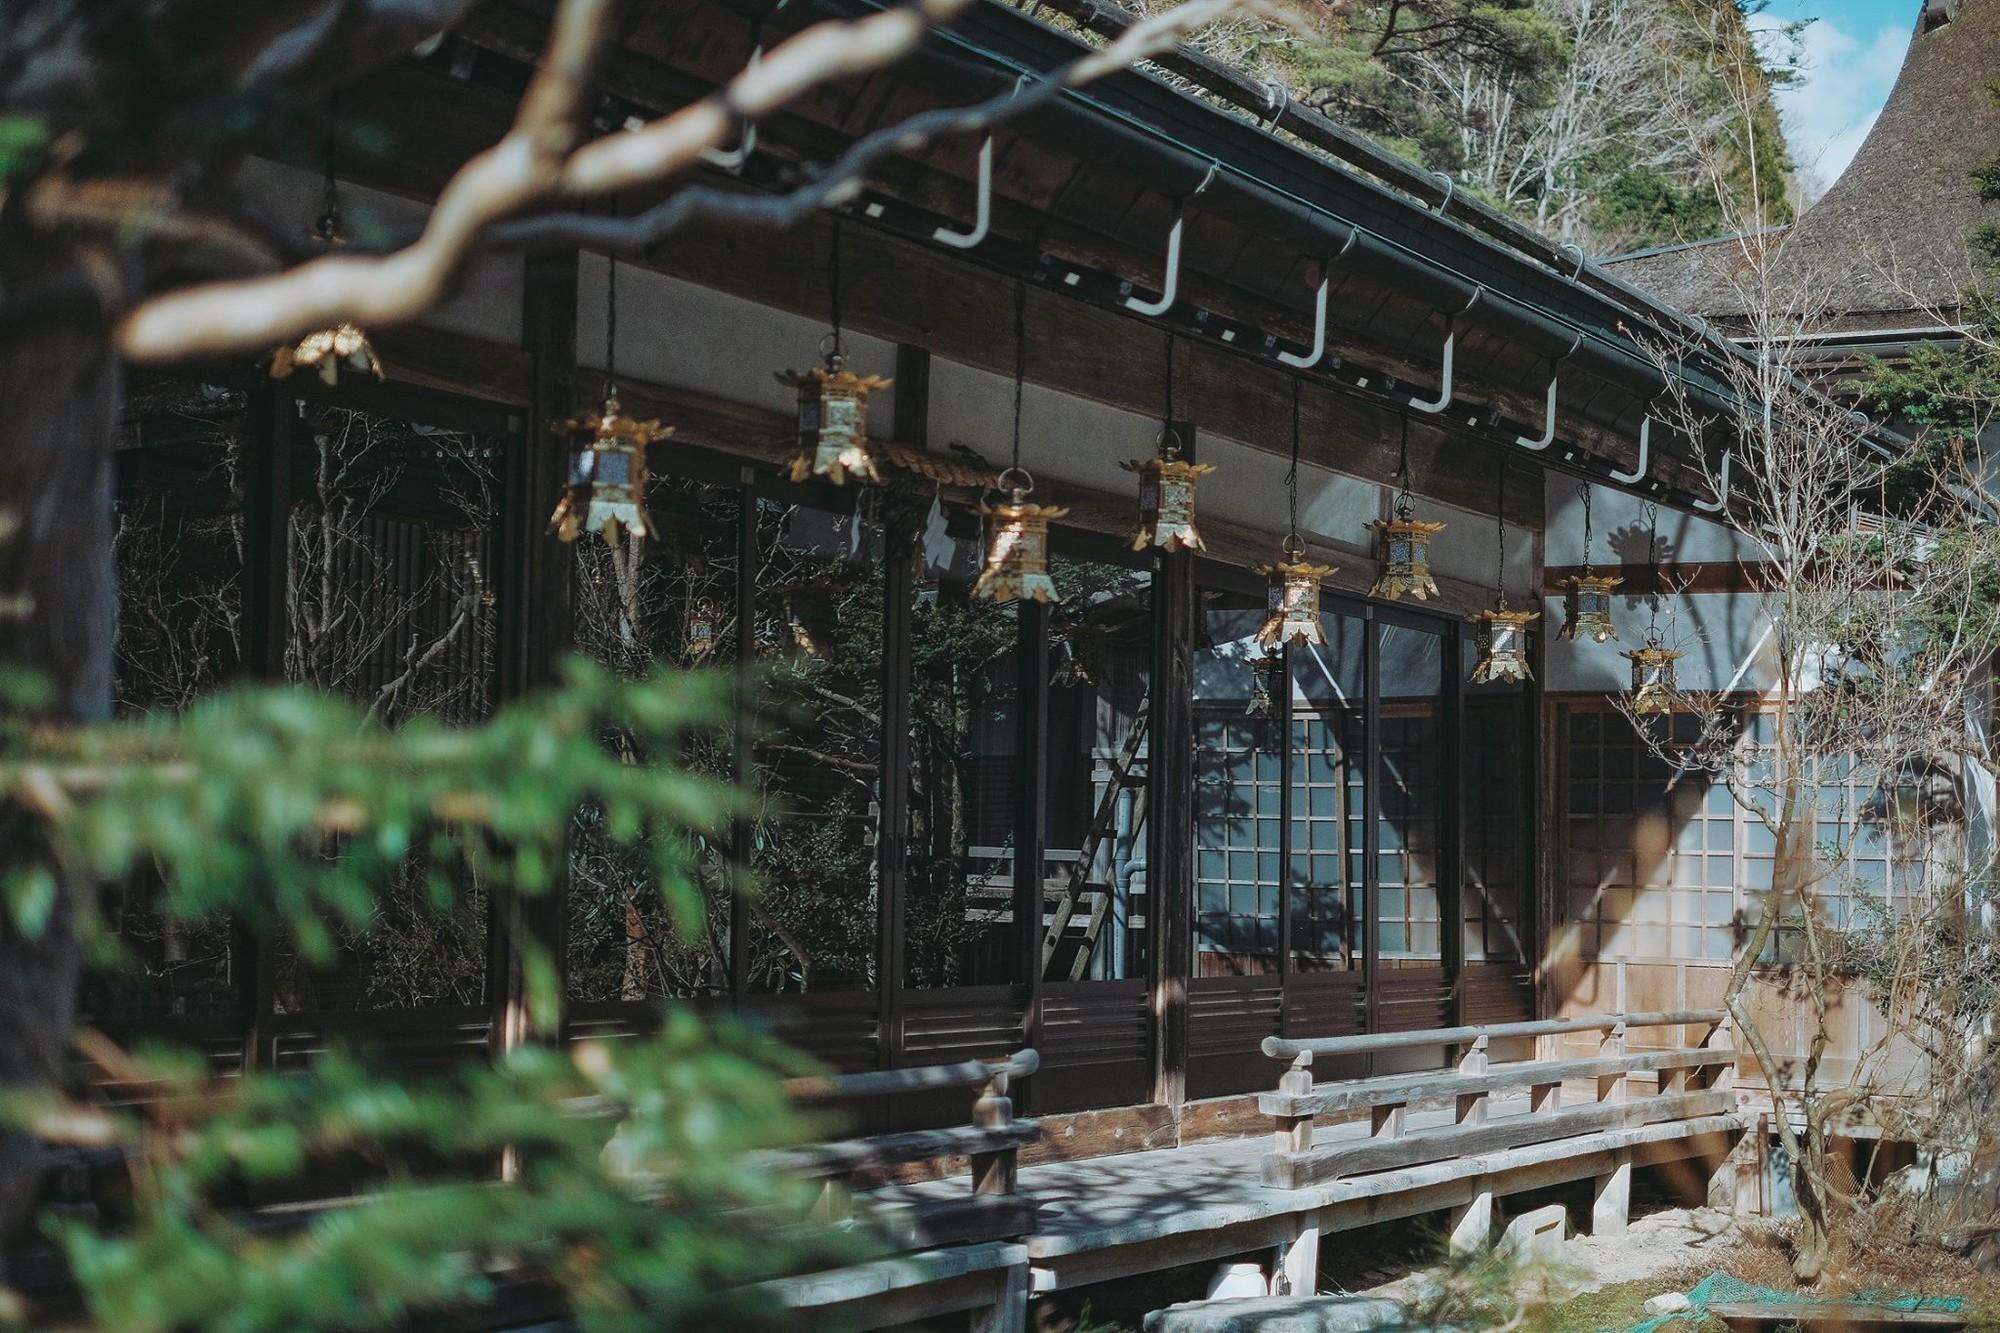 Khám phá Nghĩa trang Okunoin: Nơi được mệnh danh thánh địa thiêng liêng nhất Nhật Bản, có 5000 chiếc lồng đèn không bao giờ tắt - Ảnh 13.